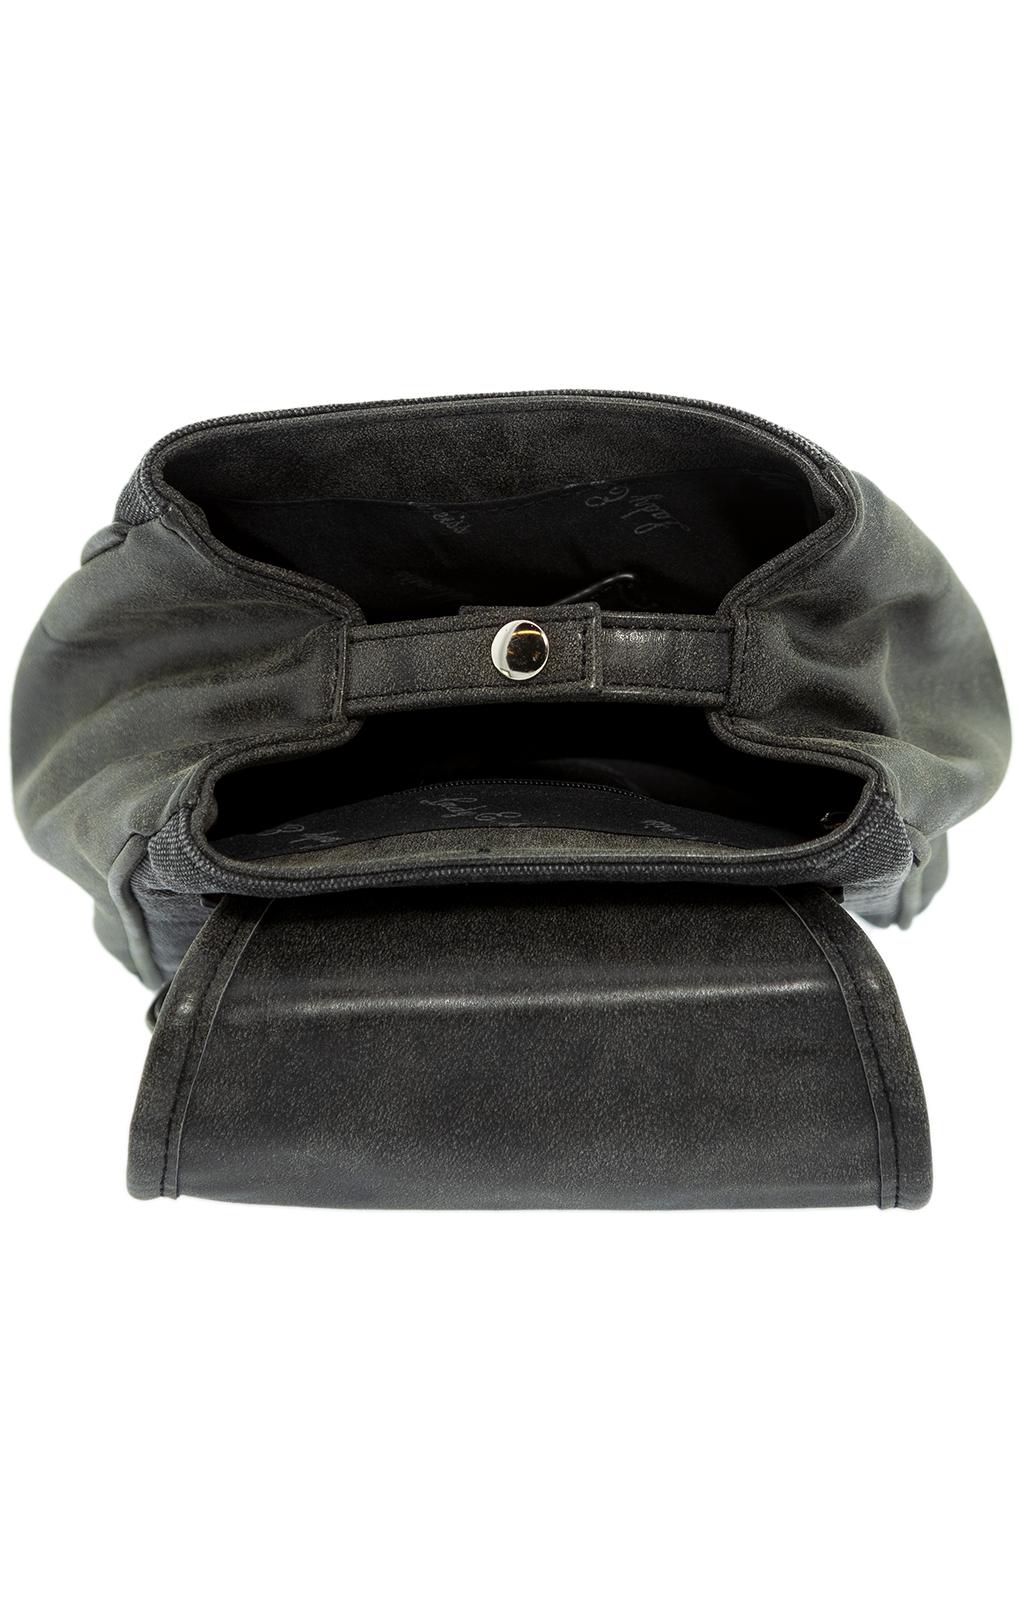 weitere Bilder von Trachtentasche 11510 anthrazit